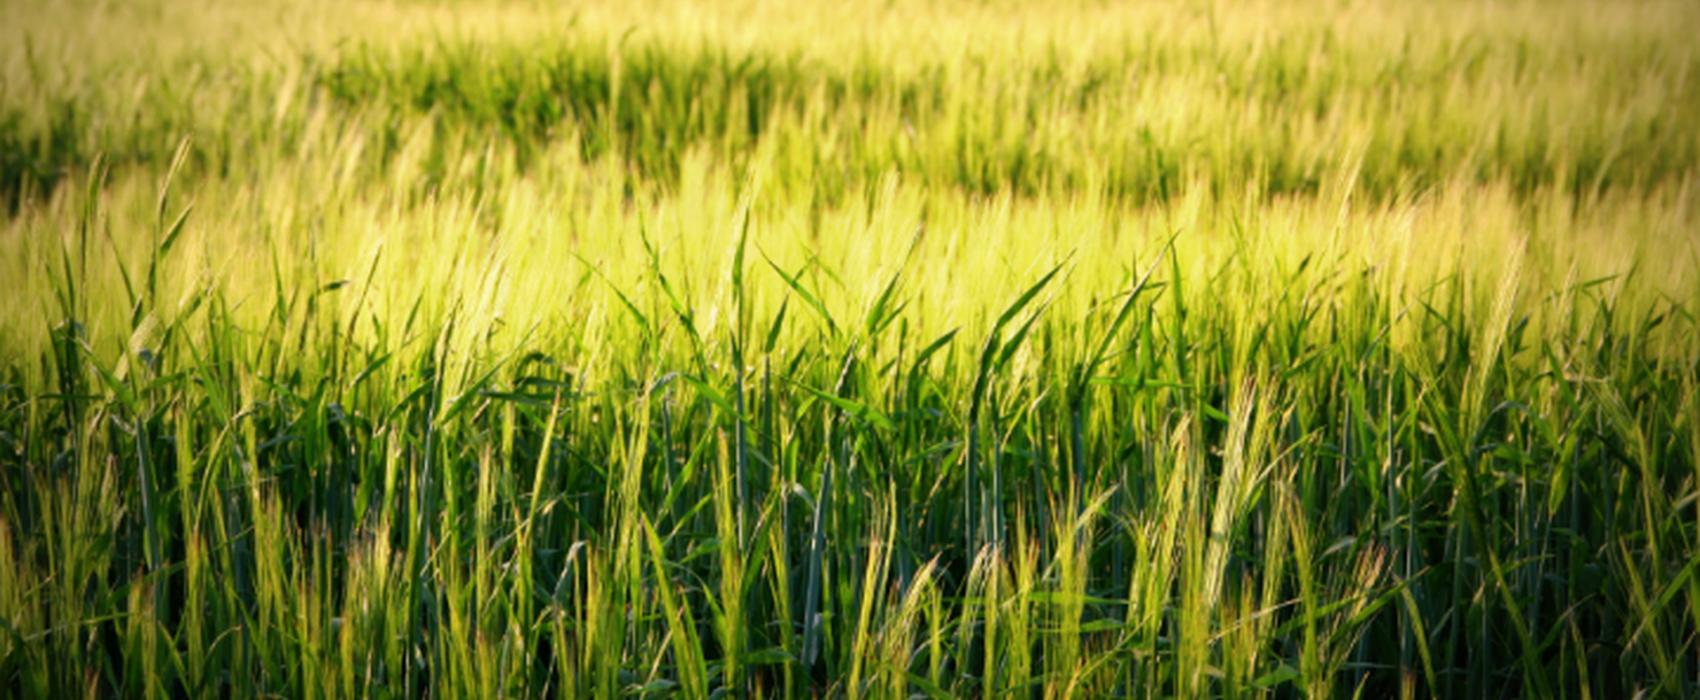 Товары для сельского хозяйства и фермерства - ФермерМ - Товары для фермеров и хозяйств